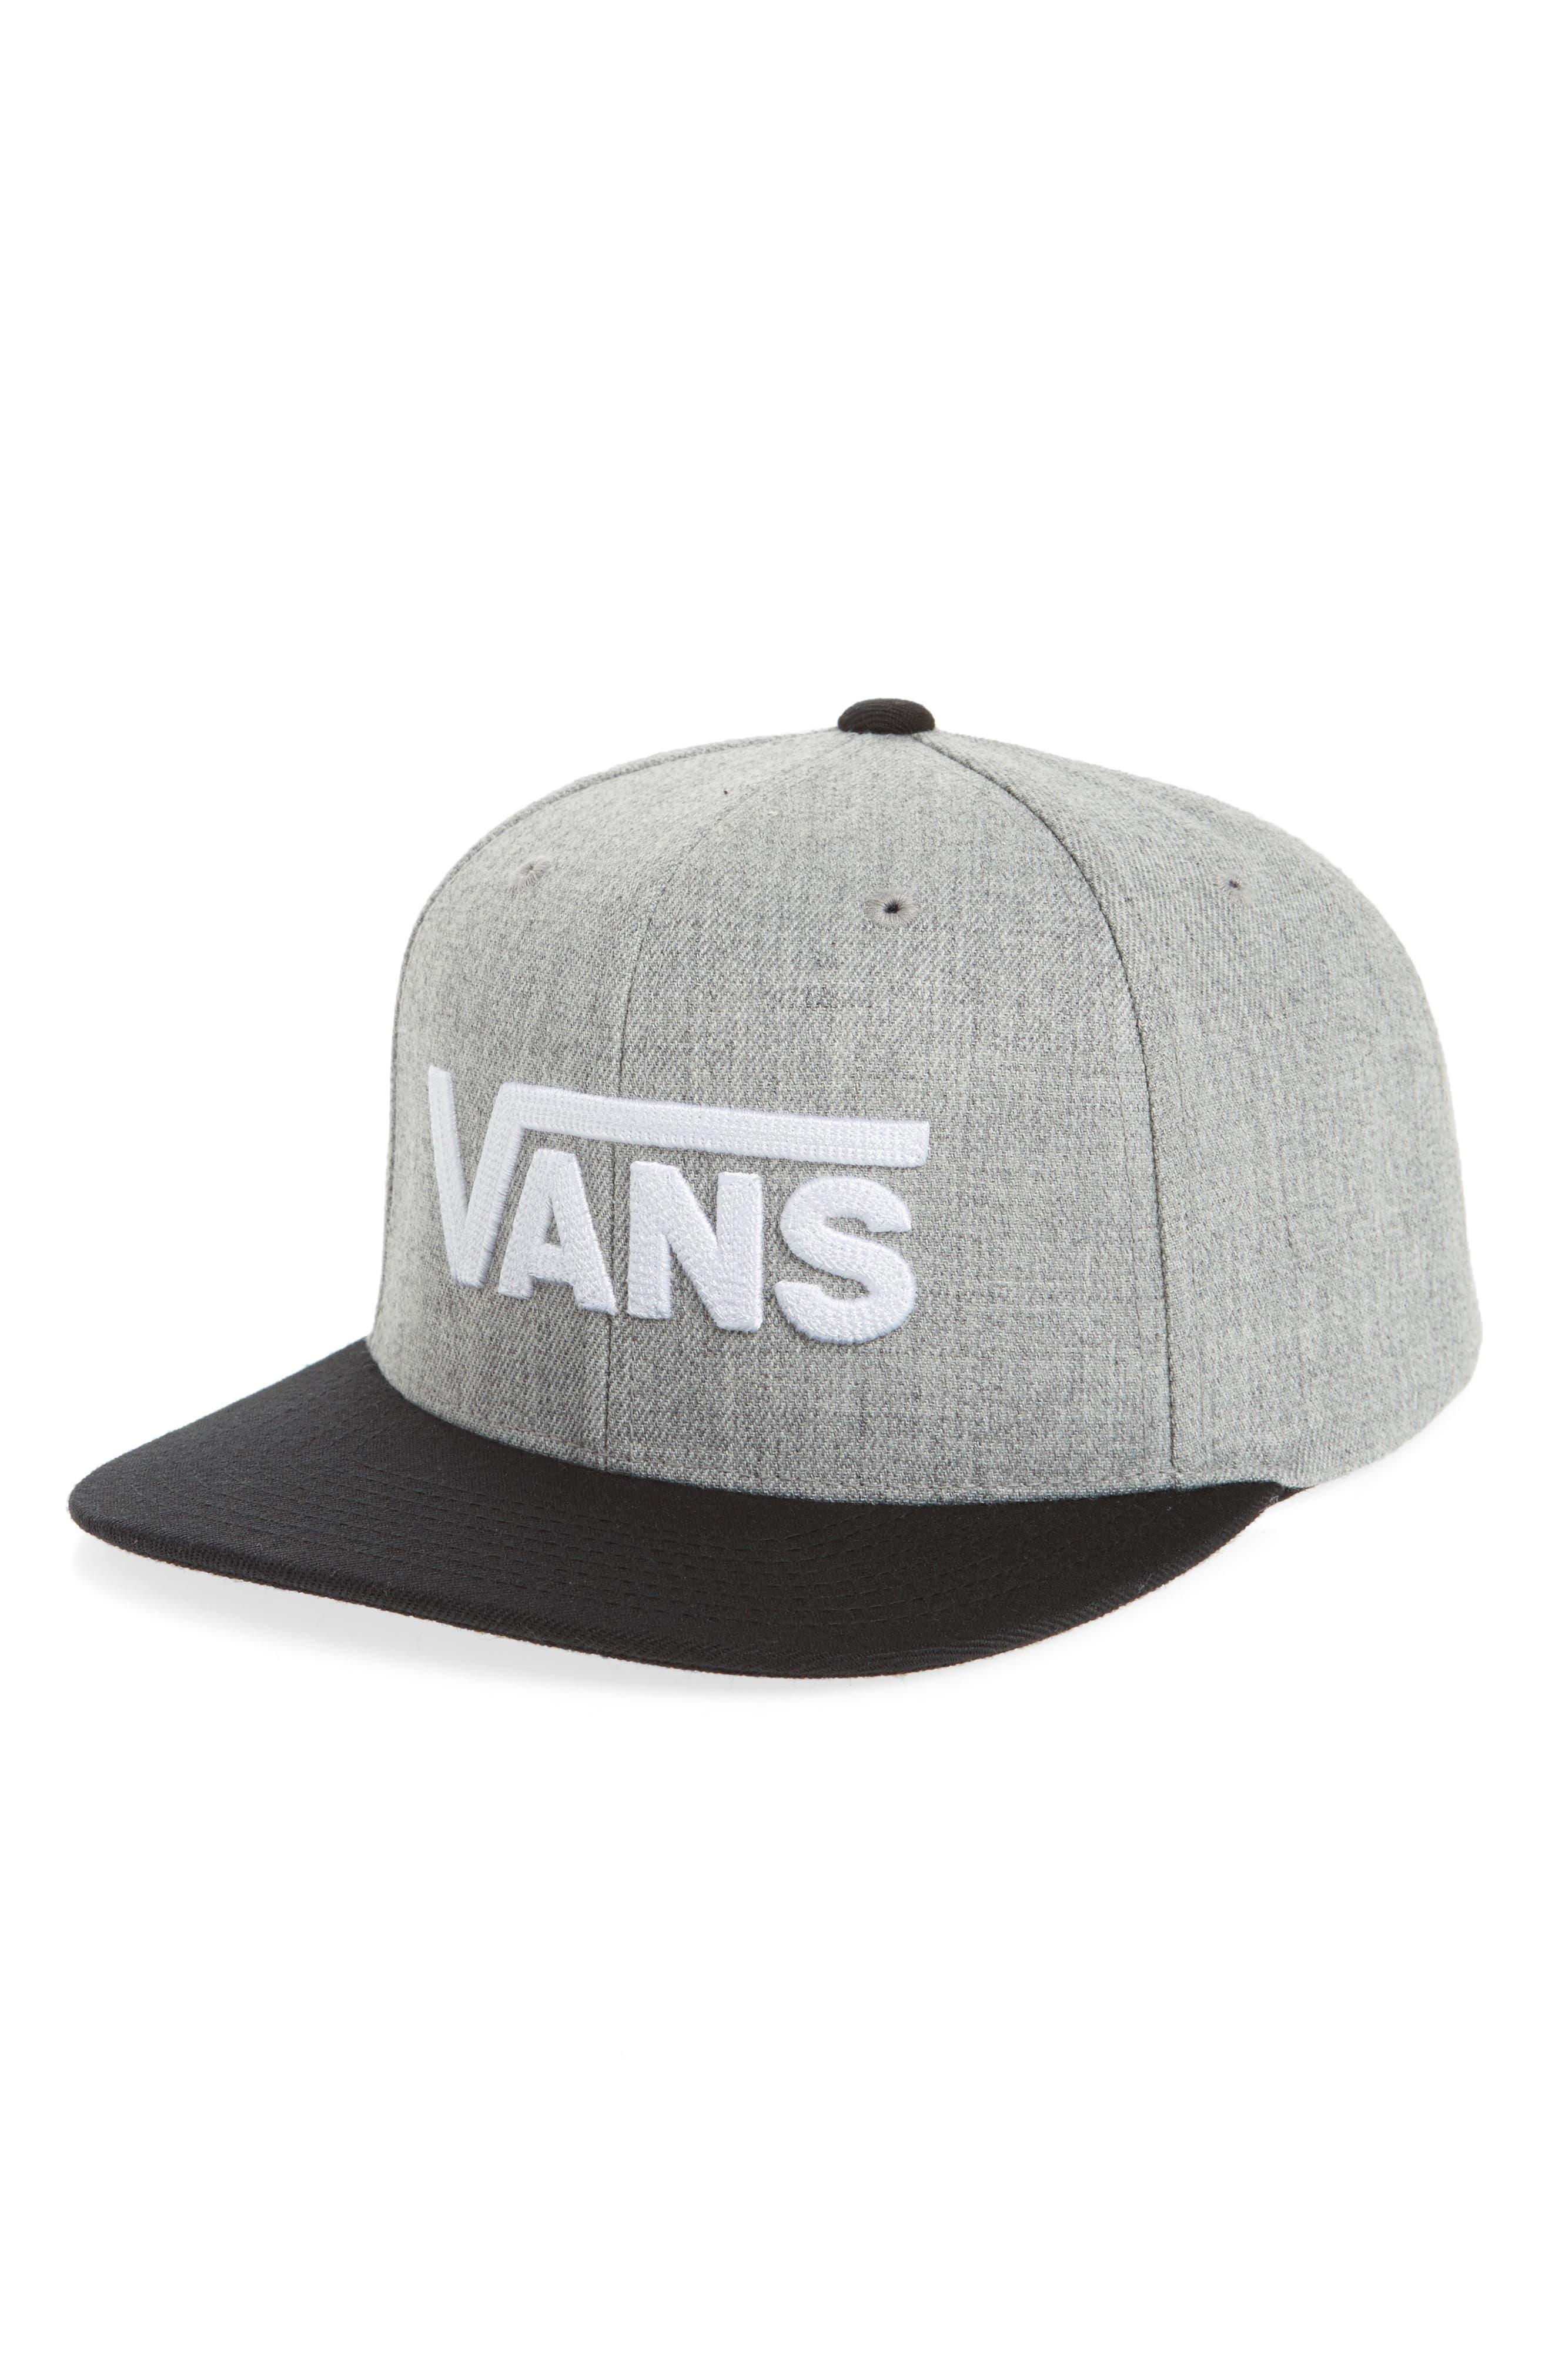 Vans DROP V II SNAPBACK CAP - GREY